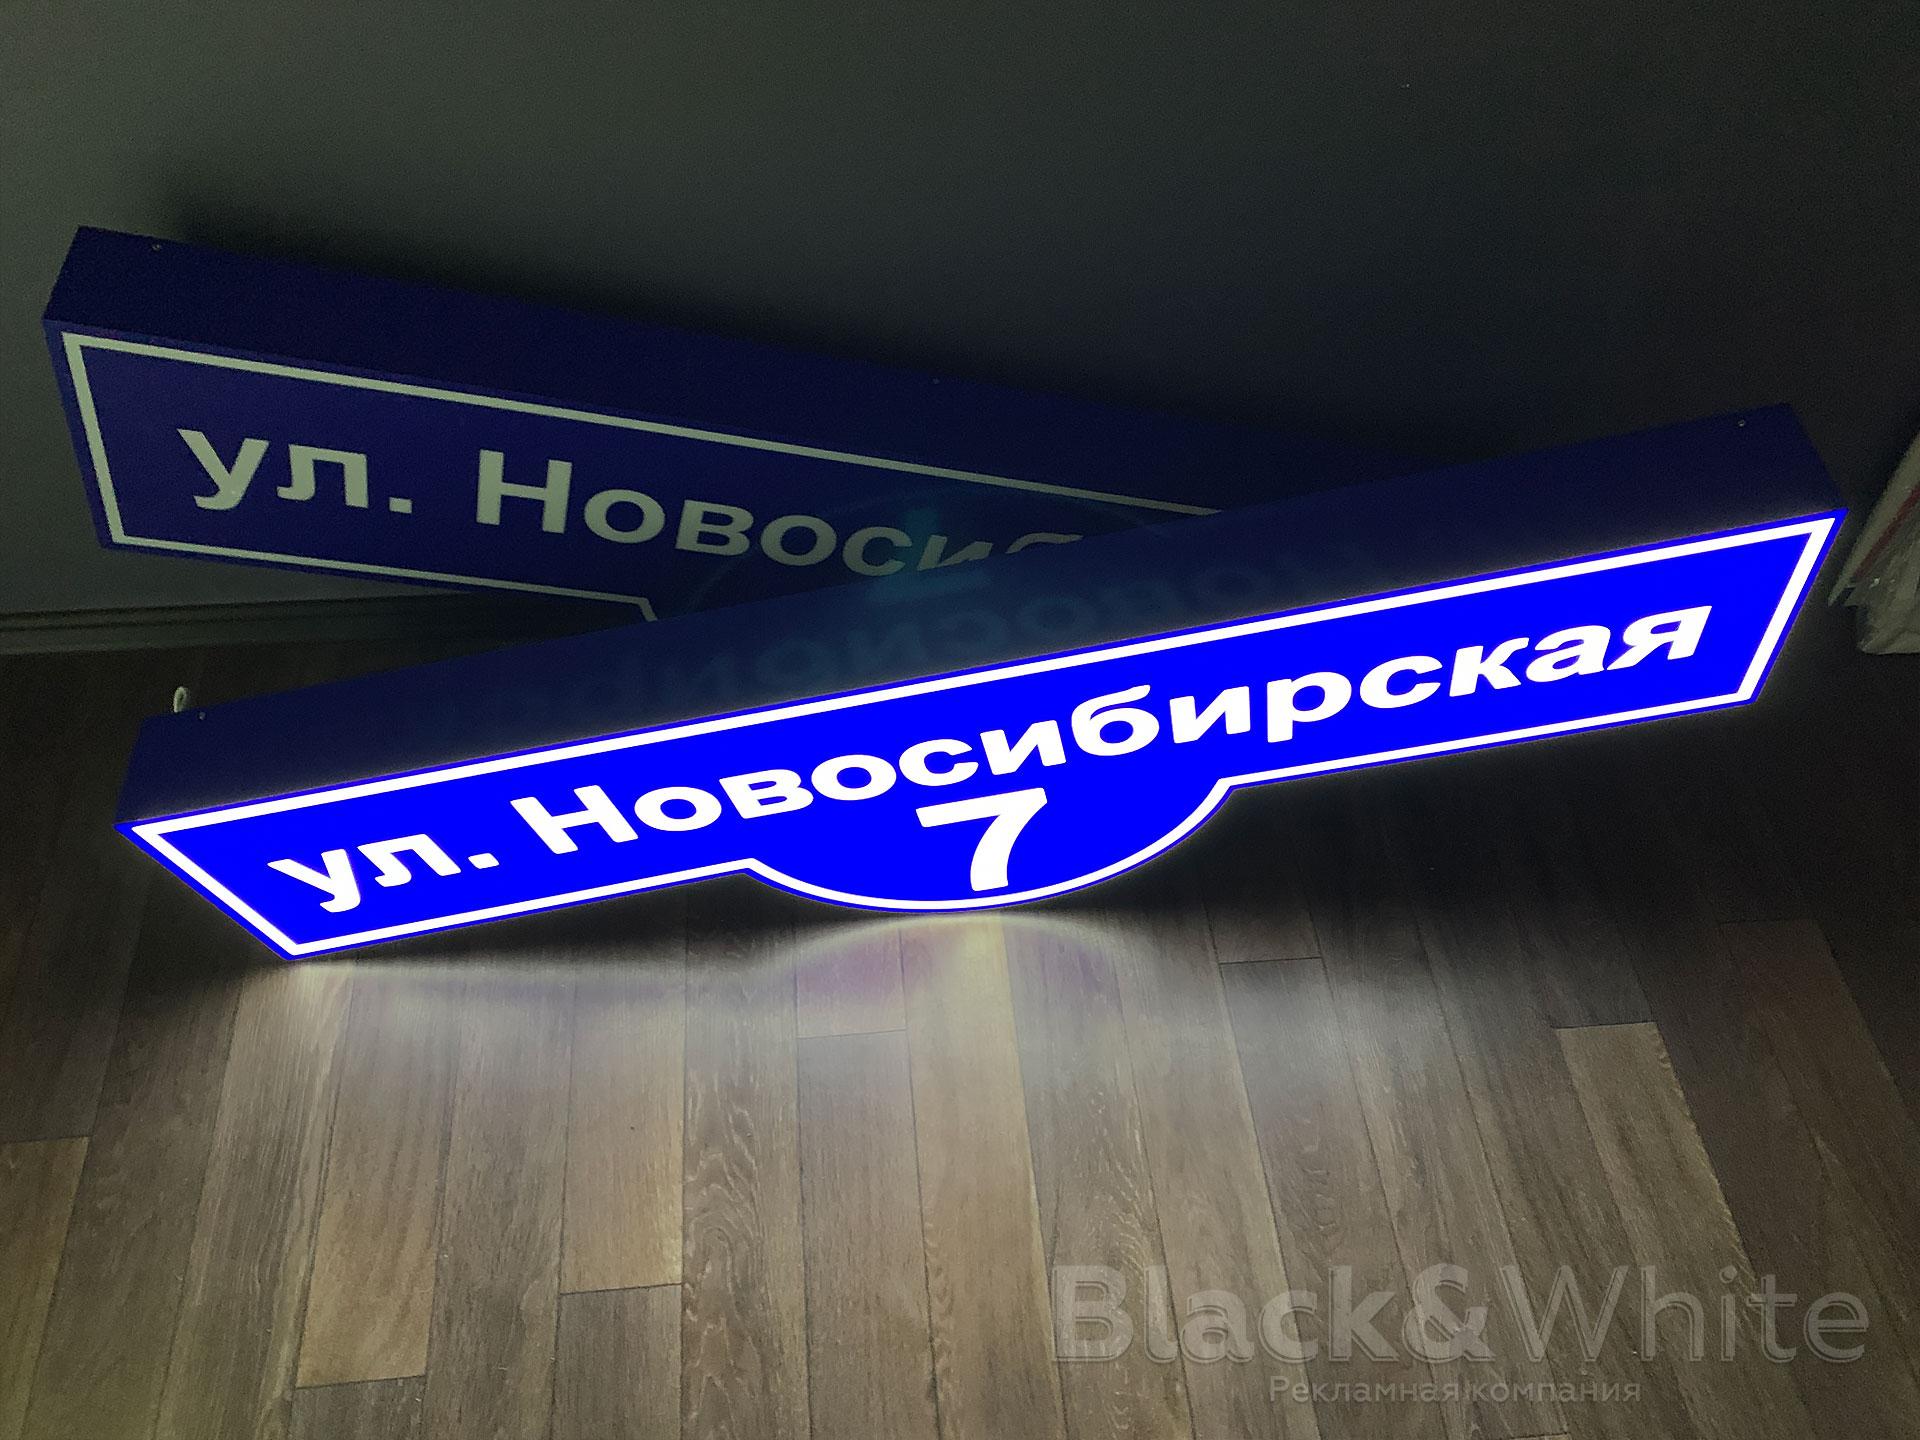 Адресные-световые-таблички-(домовые-знаки)-красноярск-Black&White..jpg